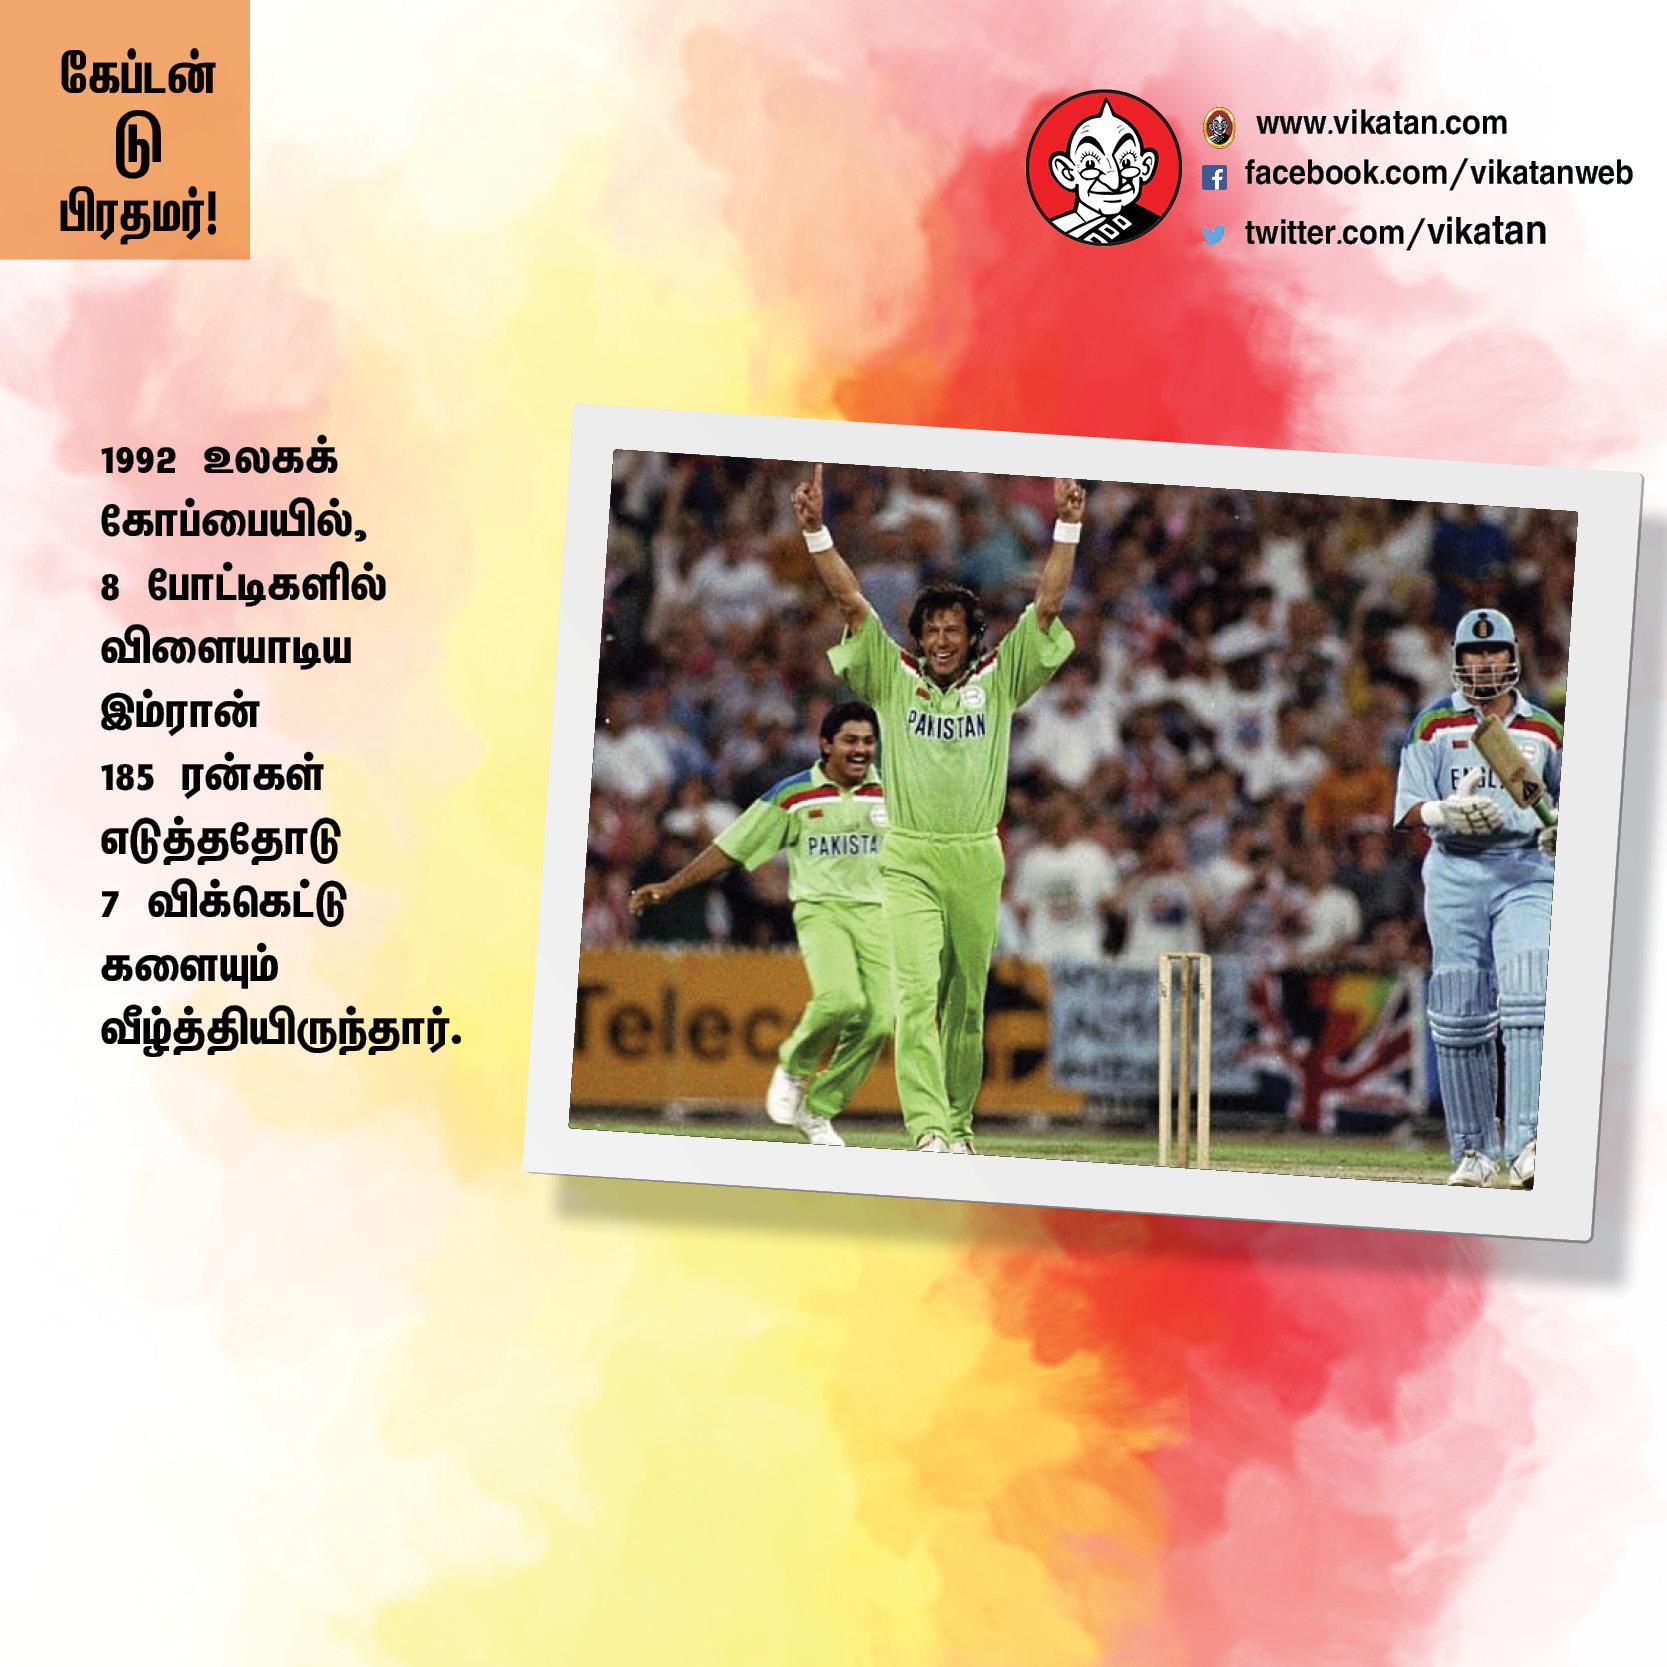 இம்ரான் கான் - கேப்டன், ஃபைட்டர் ஜெட், லெஜண்ட், பிரதமர்! #VikatanPhotoCards #ImranFacts